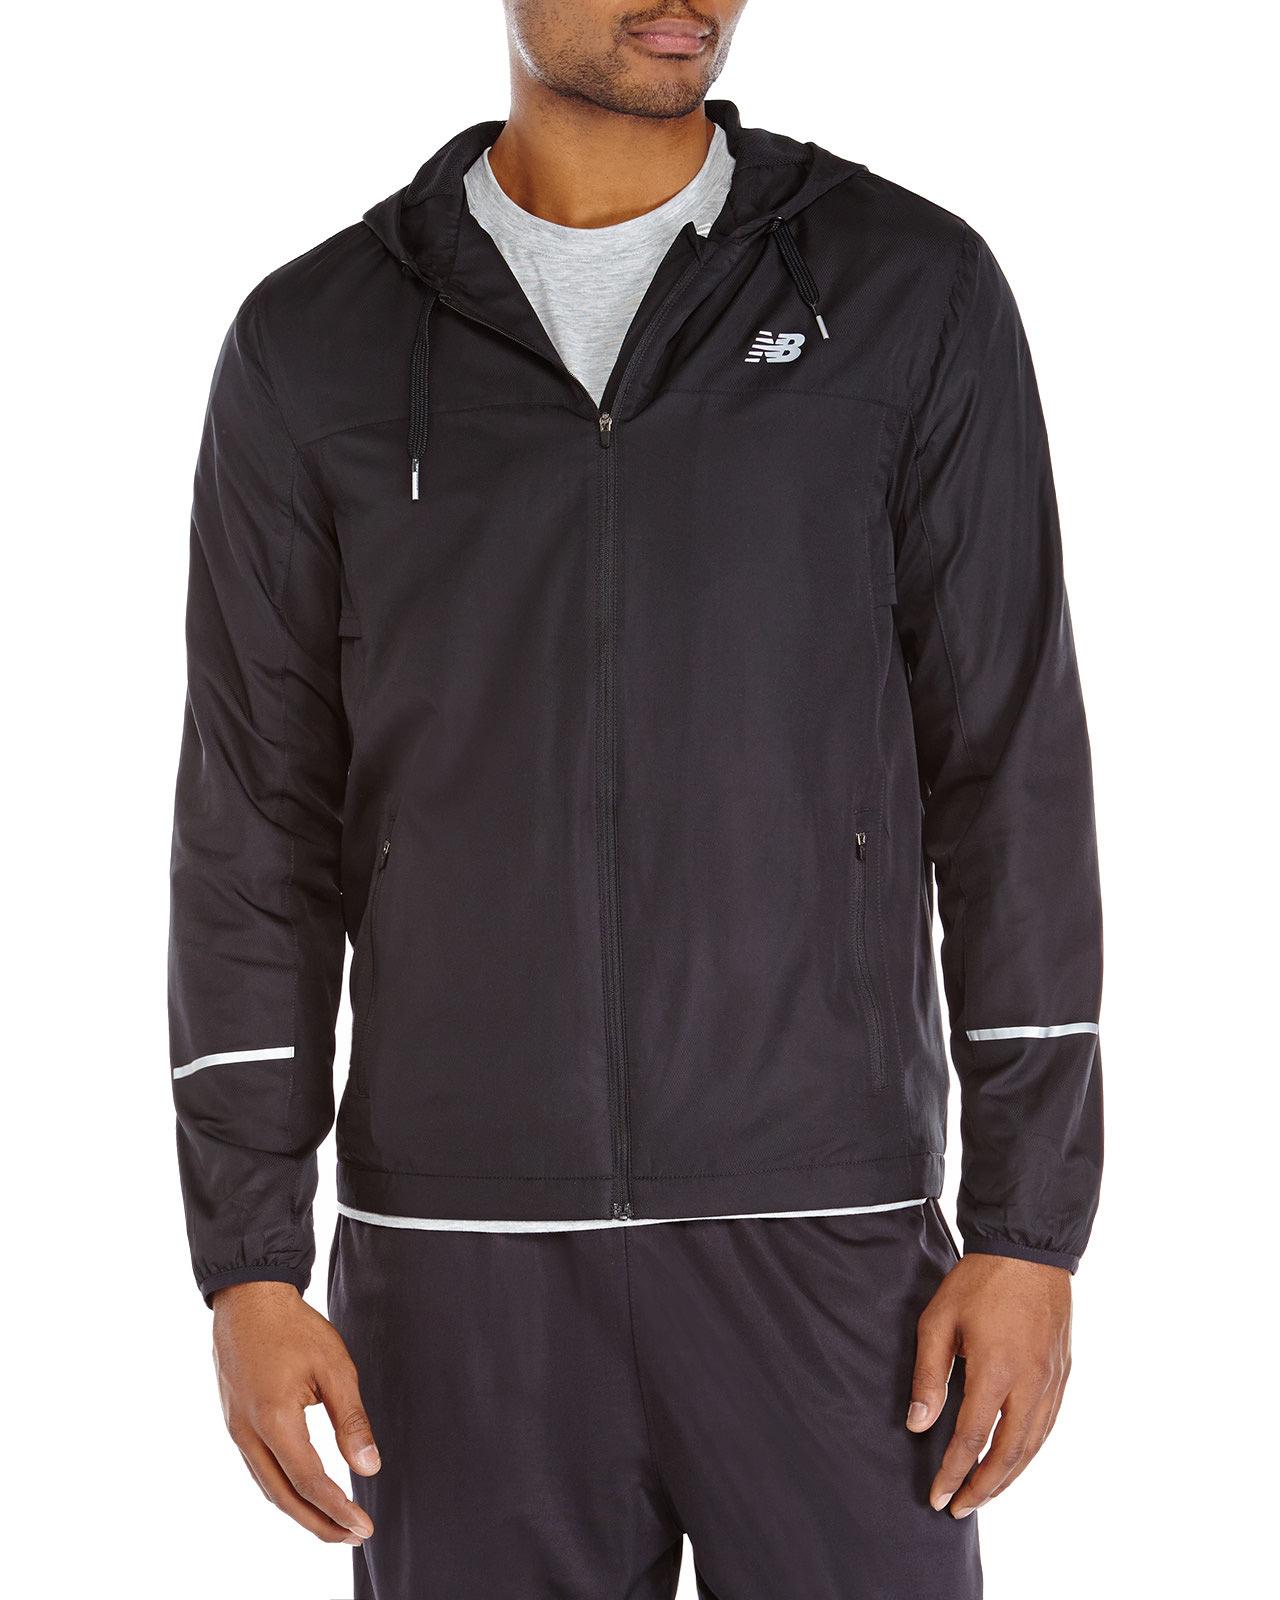 new balance hooded windbreaker jacket in black for men lyst. Black Bedroom Furniture Sets. Home Design Ideas